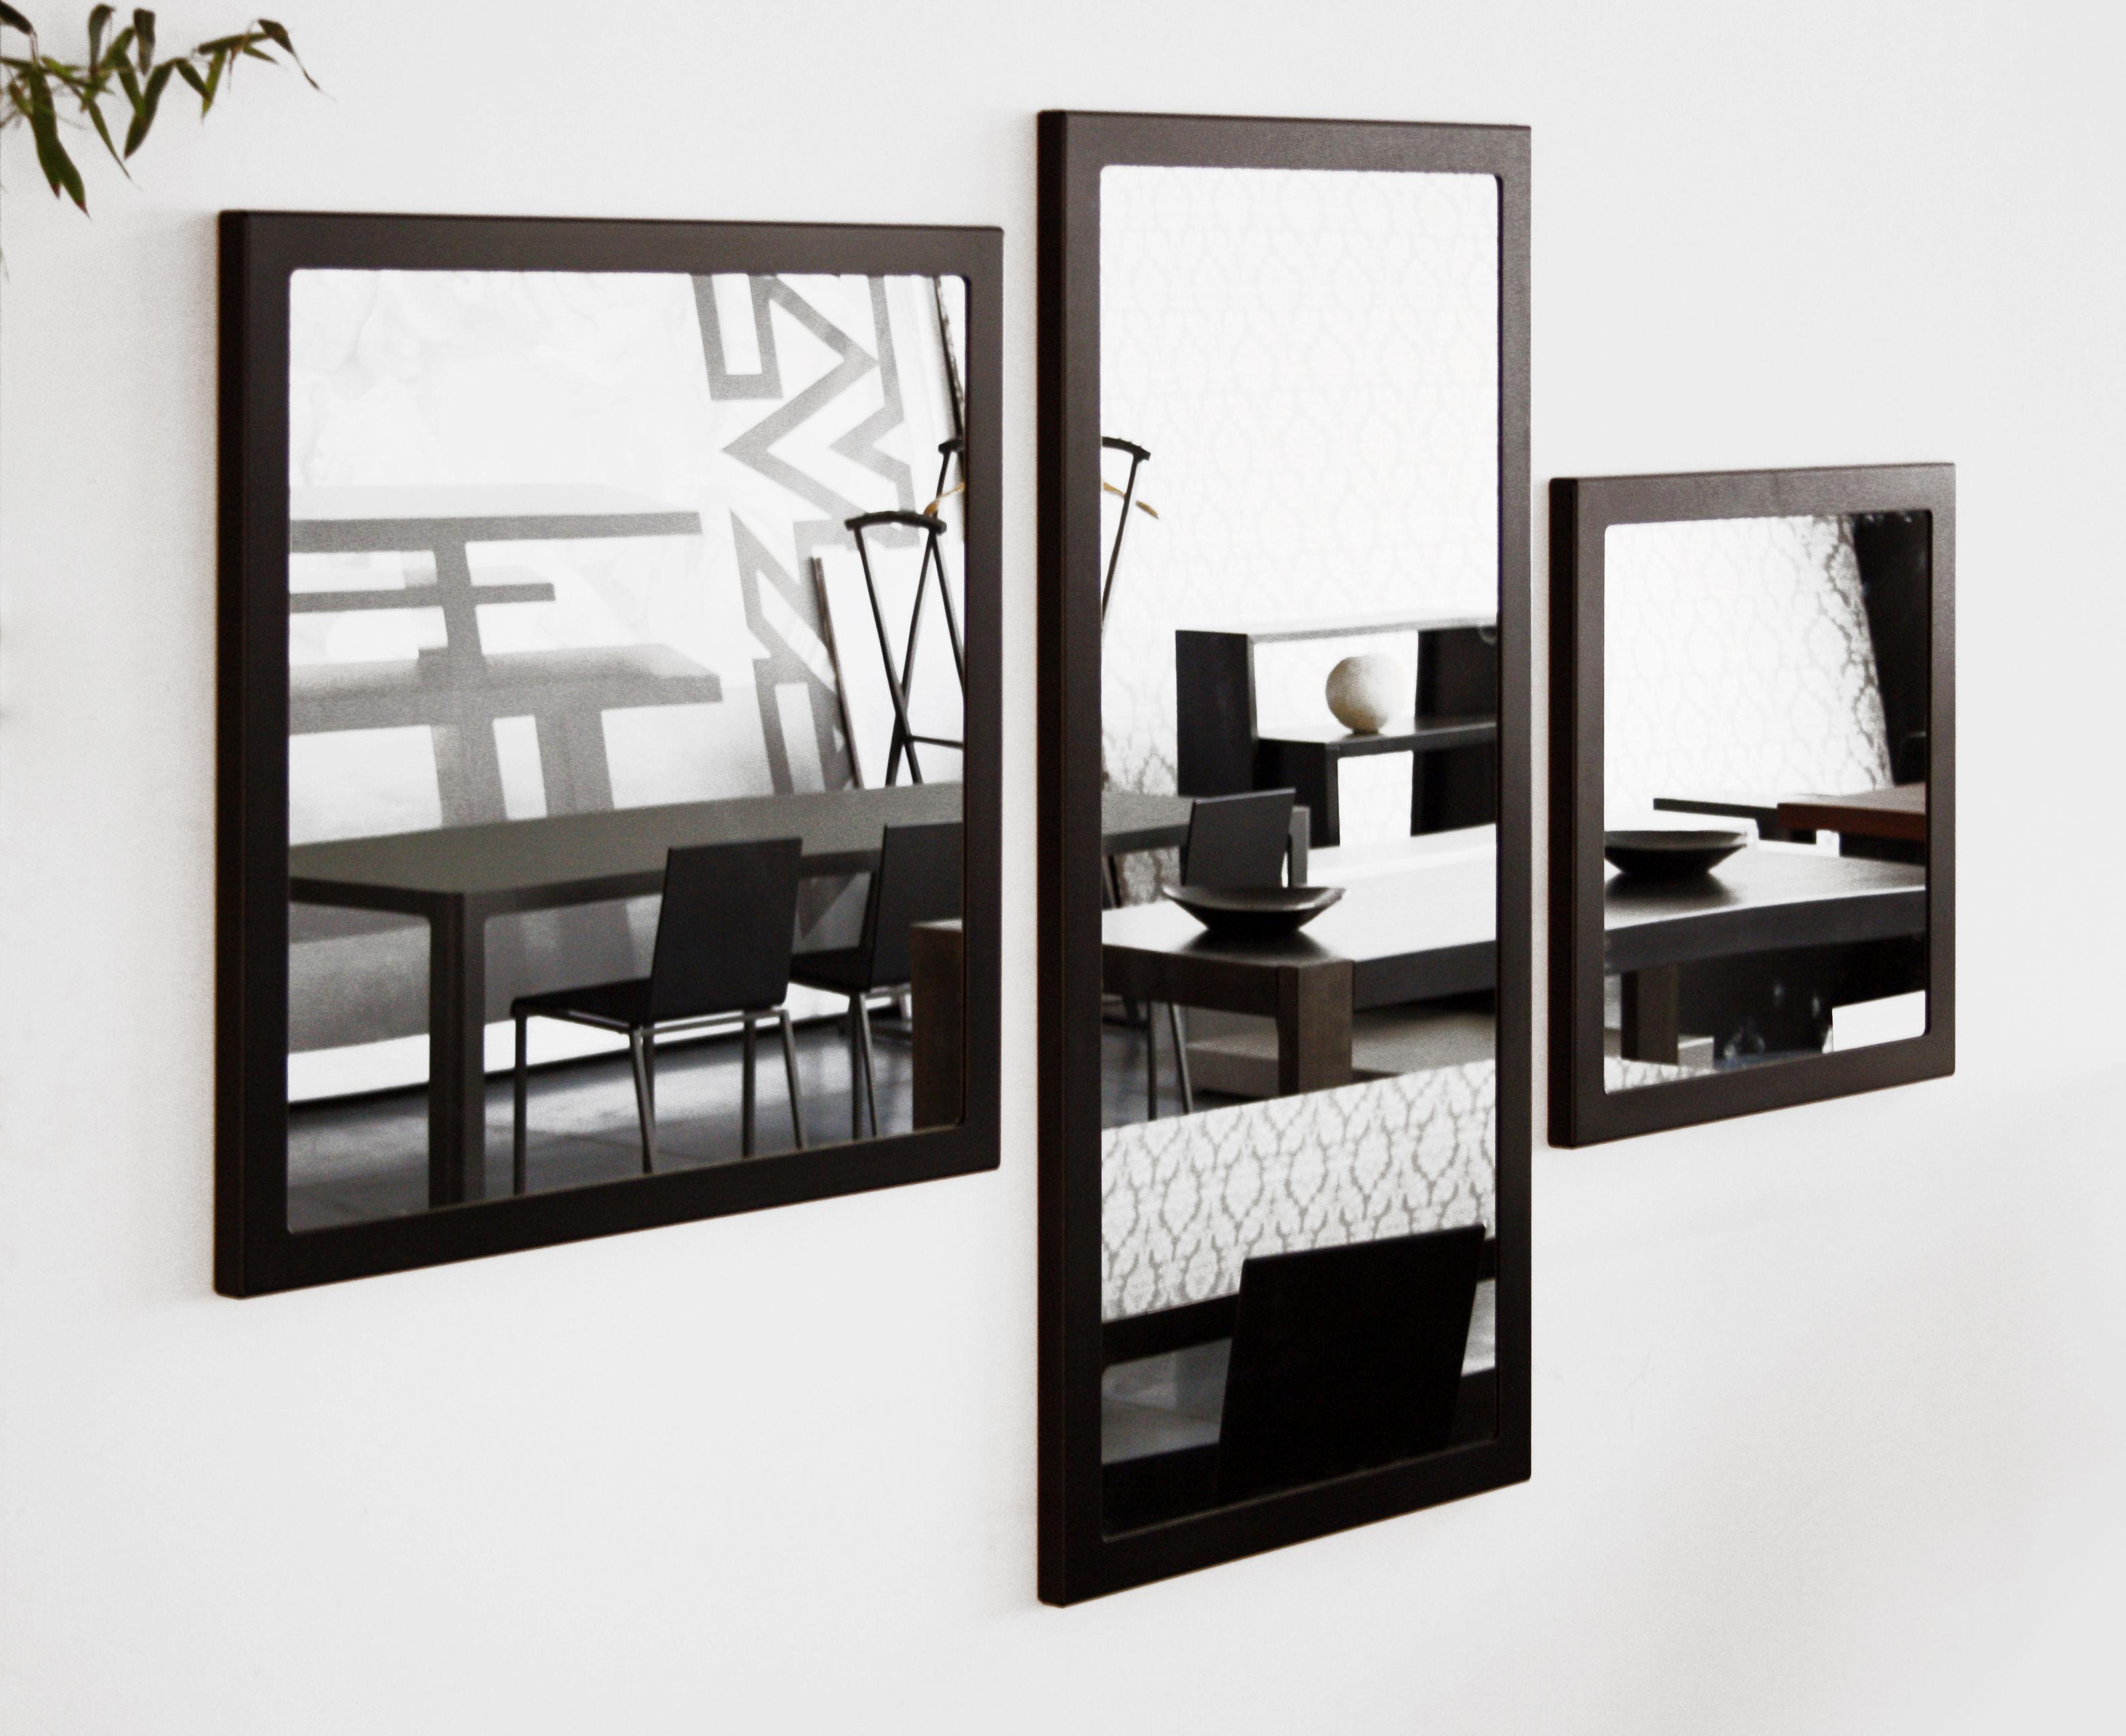 miroir little frame 60 x 60 cm blanc demi opaque zeus. Black Bedroom Furniture Sets. Home Design Ideas